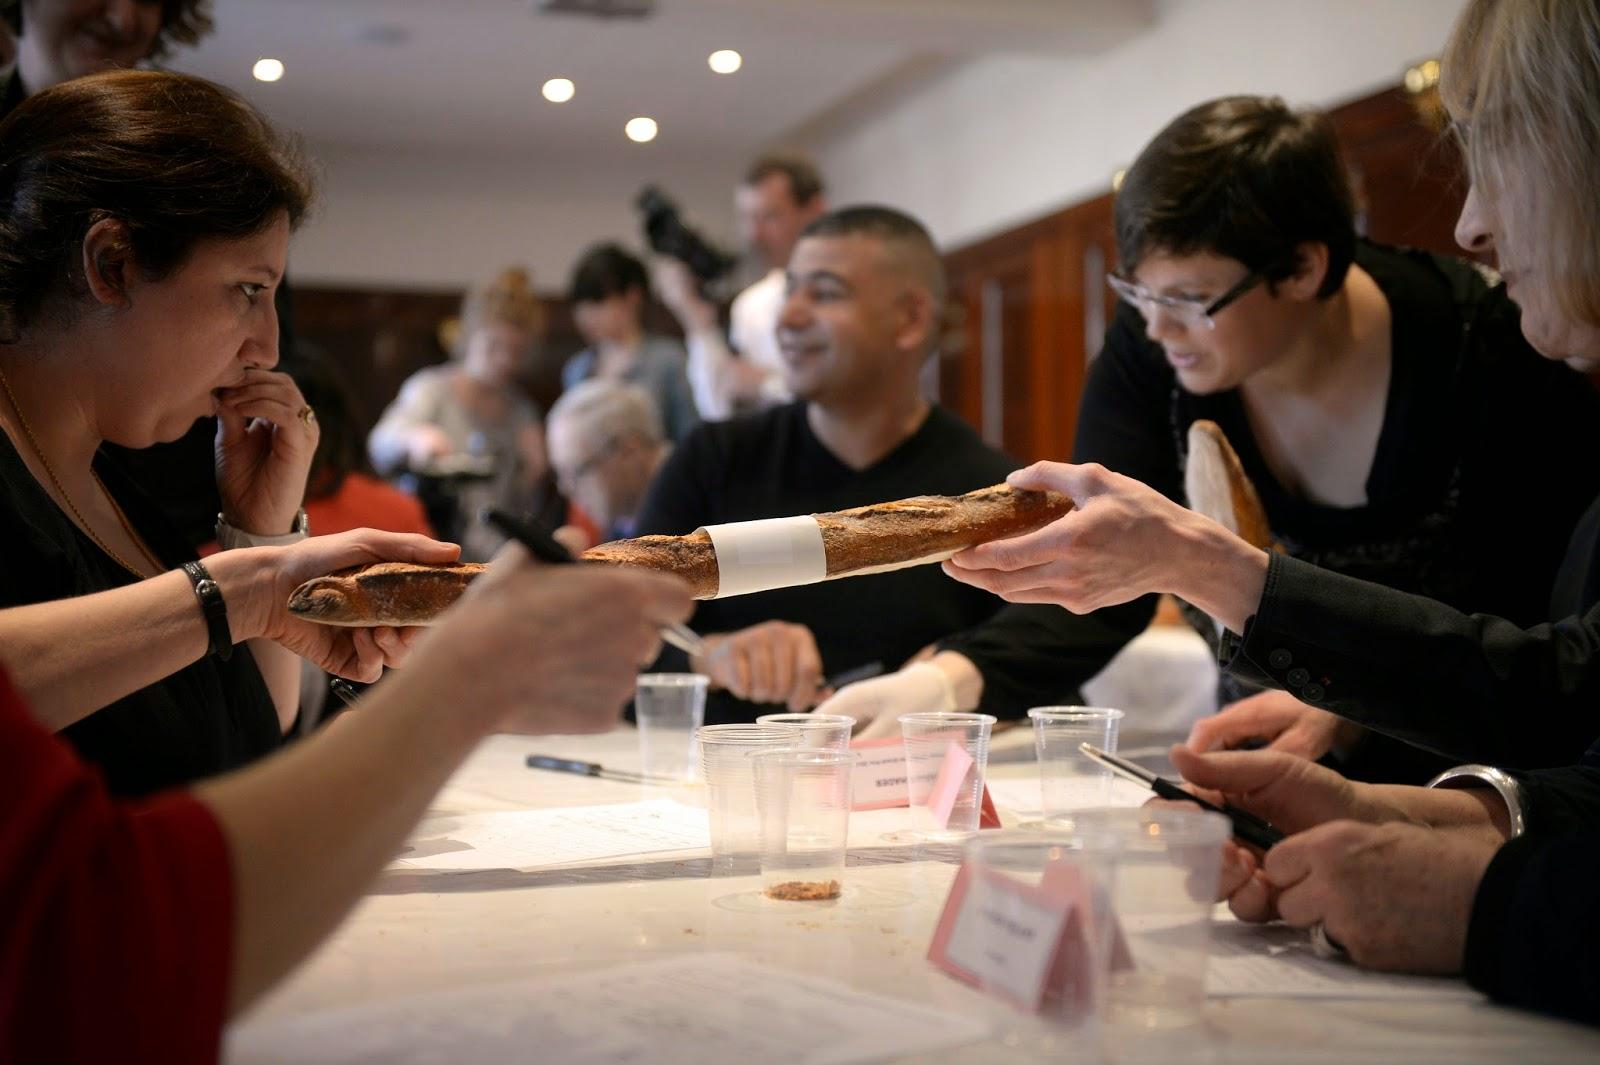 Best Baguette of Paris Contest in Paris